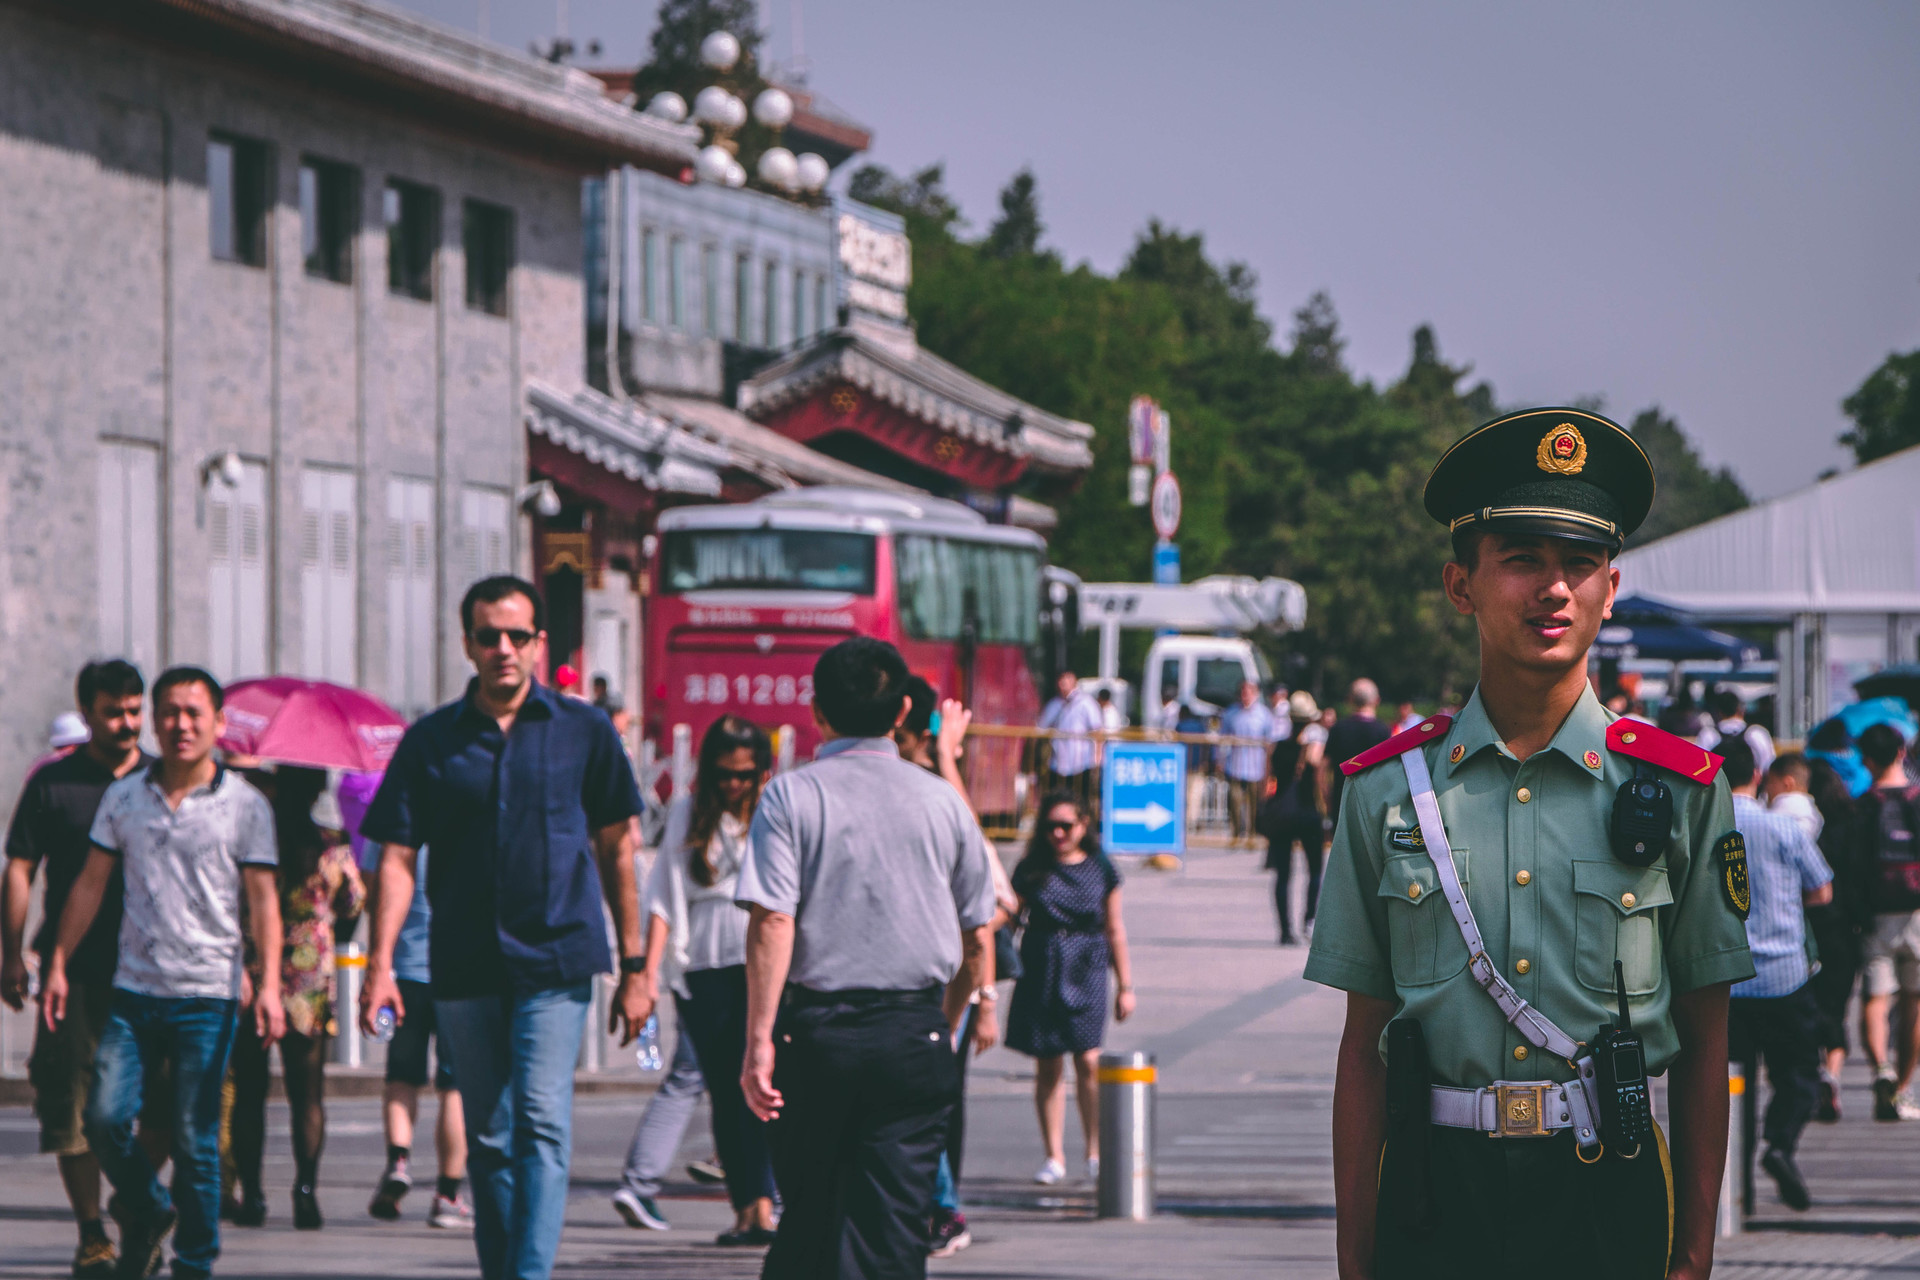 筆者認為許多中國人不允許外國人稱呼他們為支那,卻稱日本人士鬼子,標準不一、自相矛盾。圖片來源:Pexels